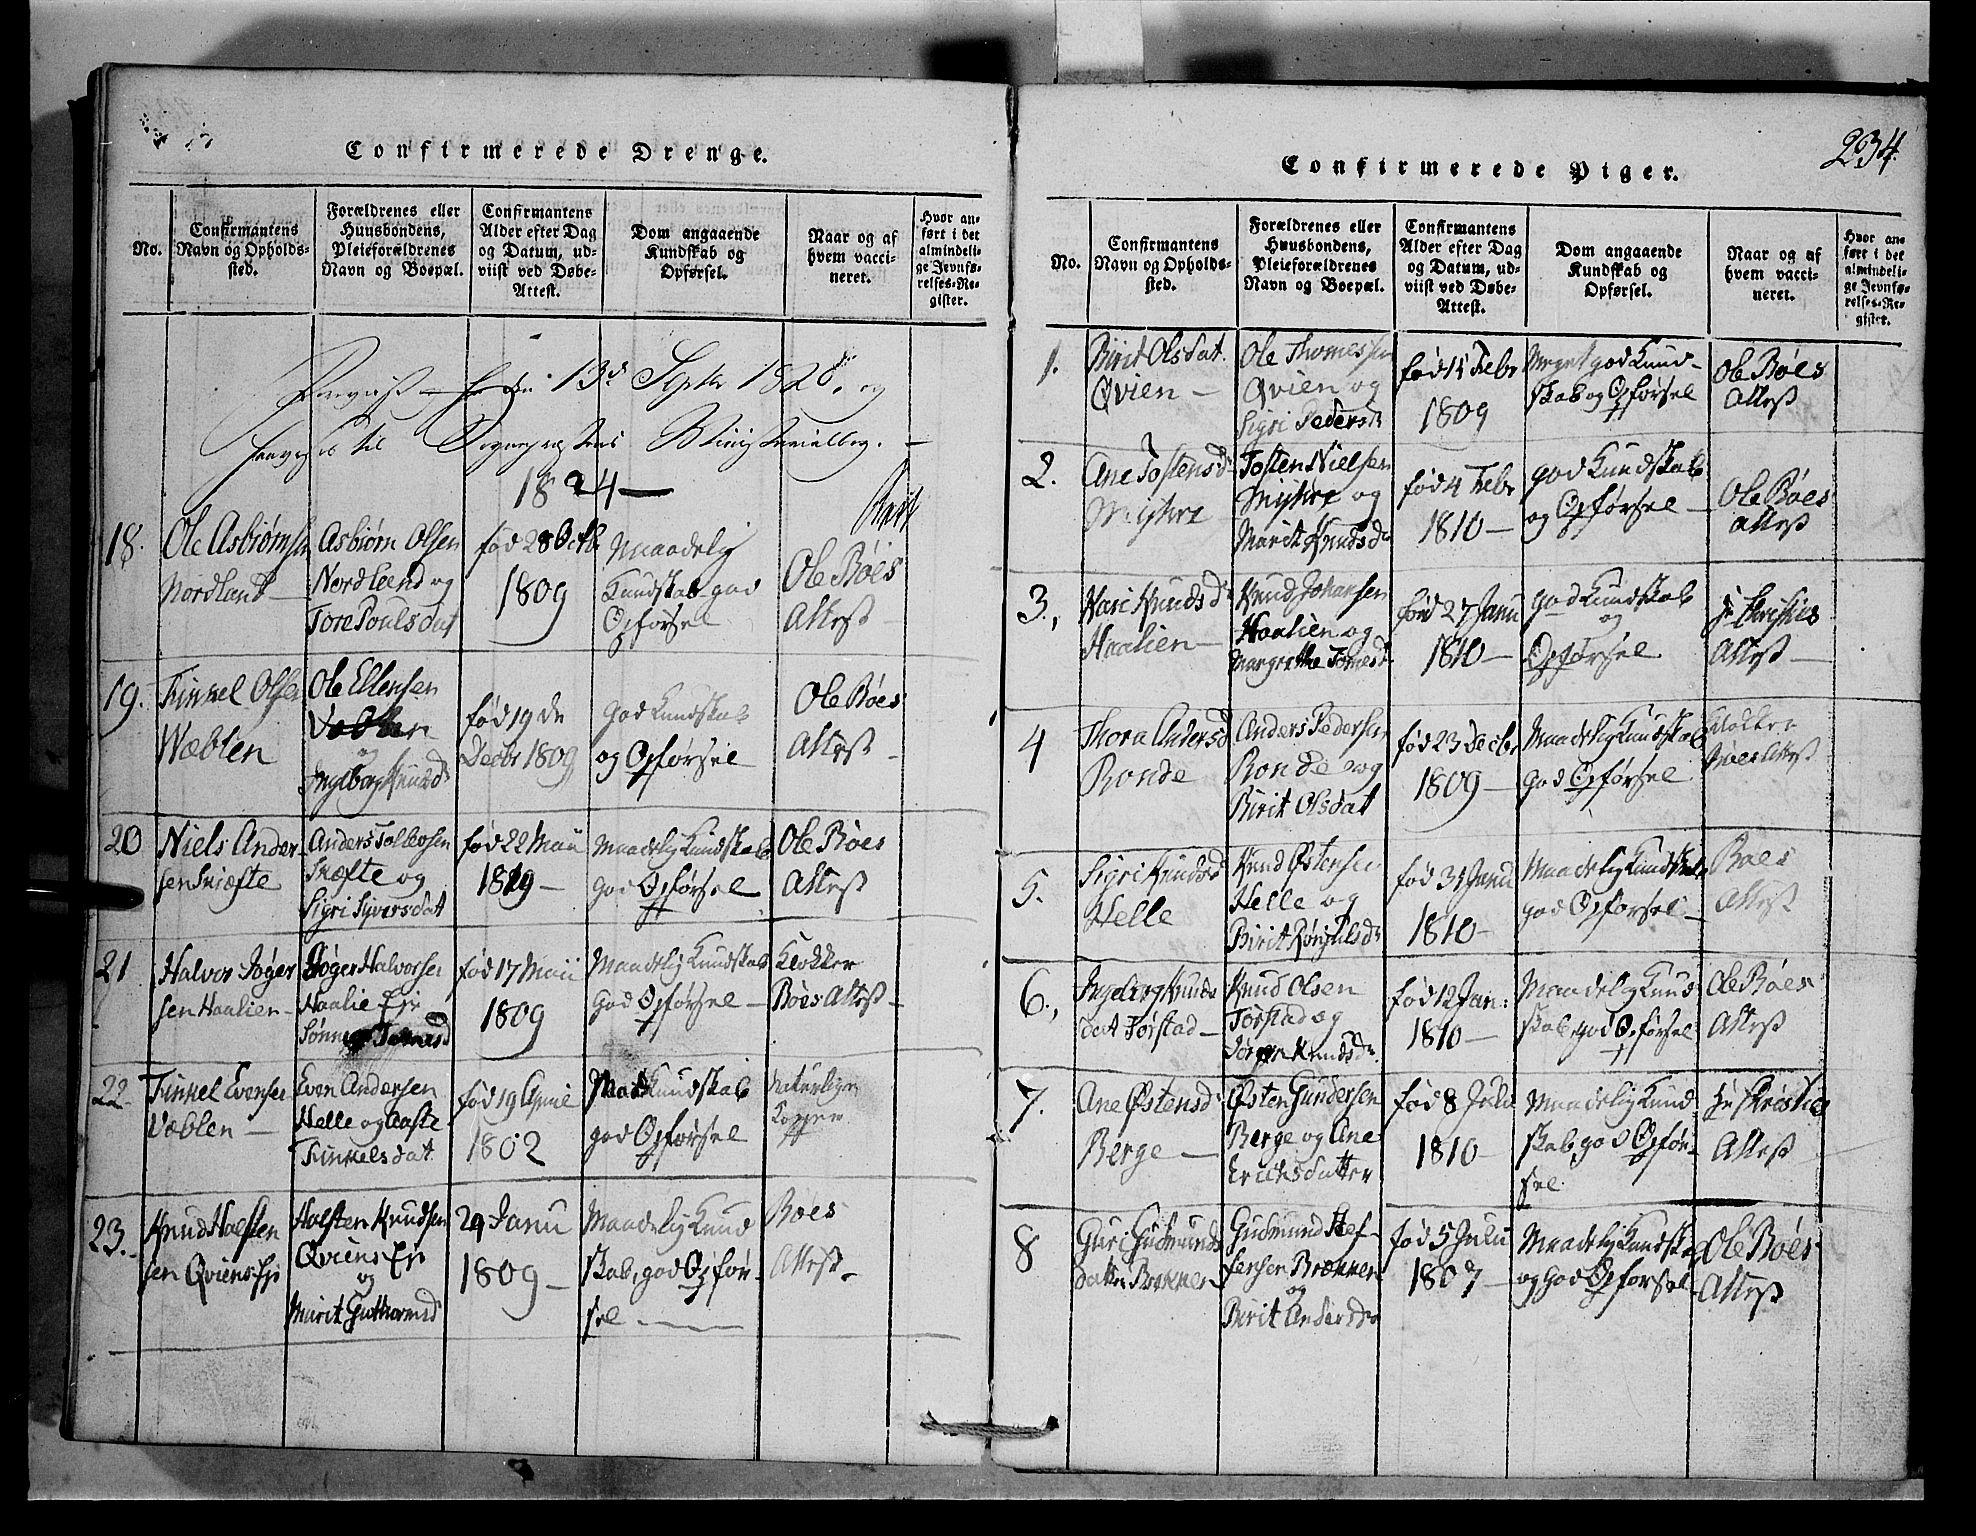 SAH, Vang prestekontor, Valdres, Klokkerbok nr. 1, 1814-1820, s. 234